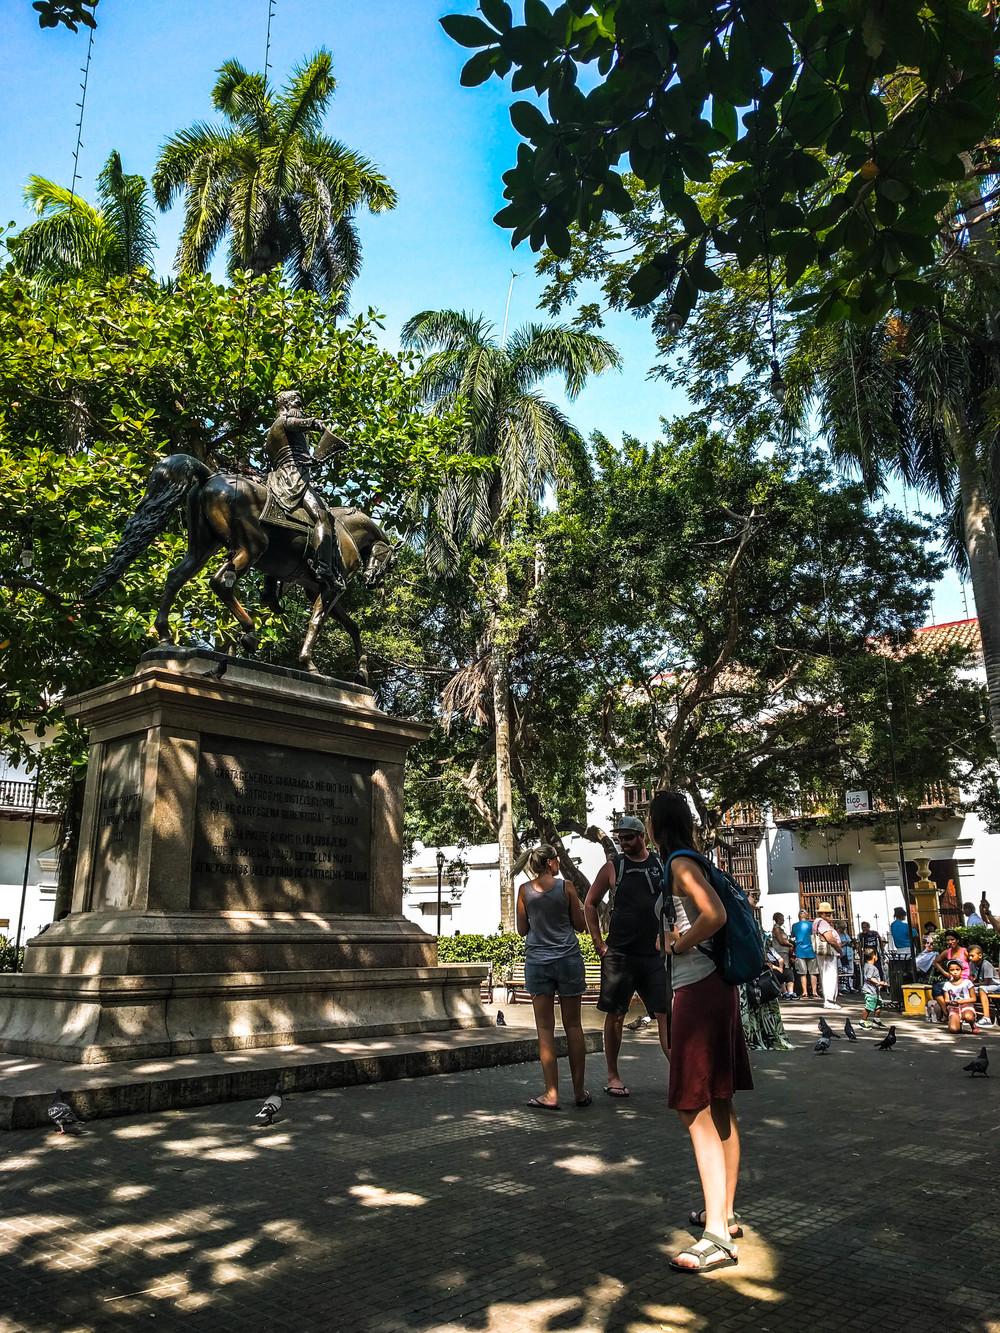 Cartagena- Jess Park with Statue RTW.jpg